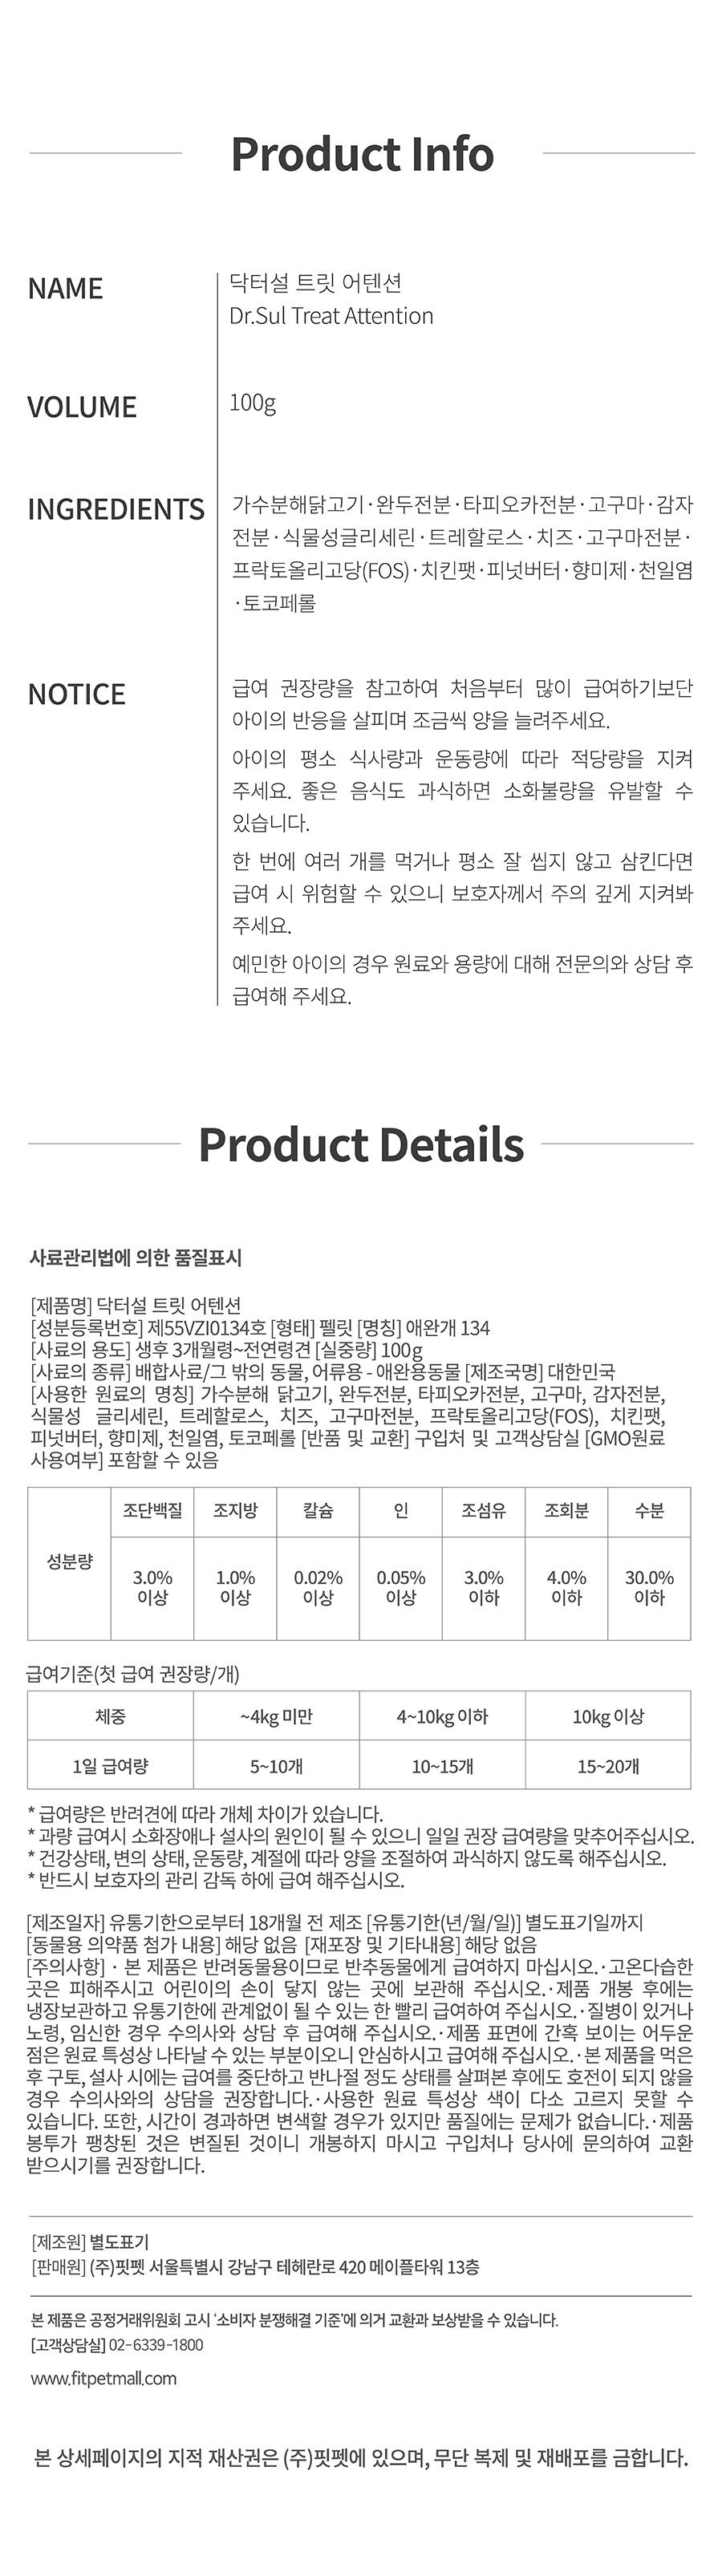 닥터설 트릿 모음전-상품이미지-12